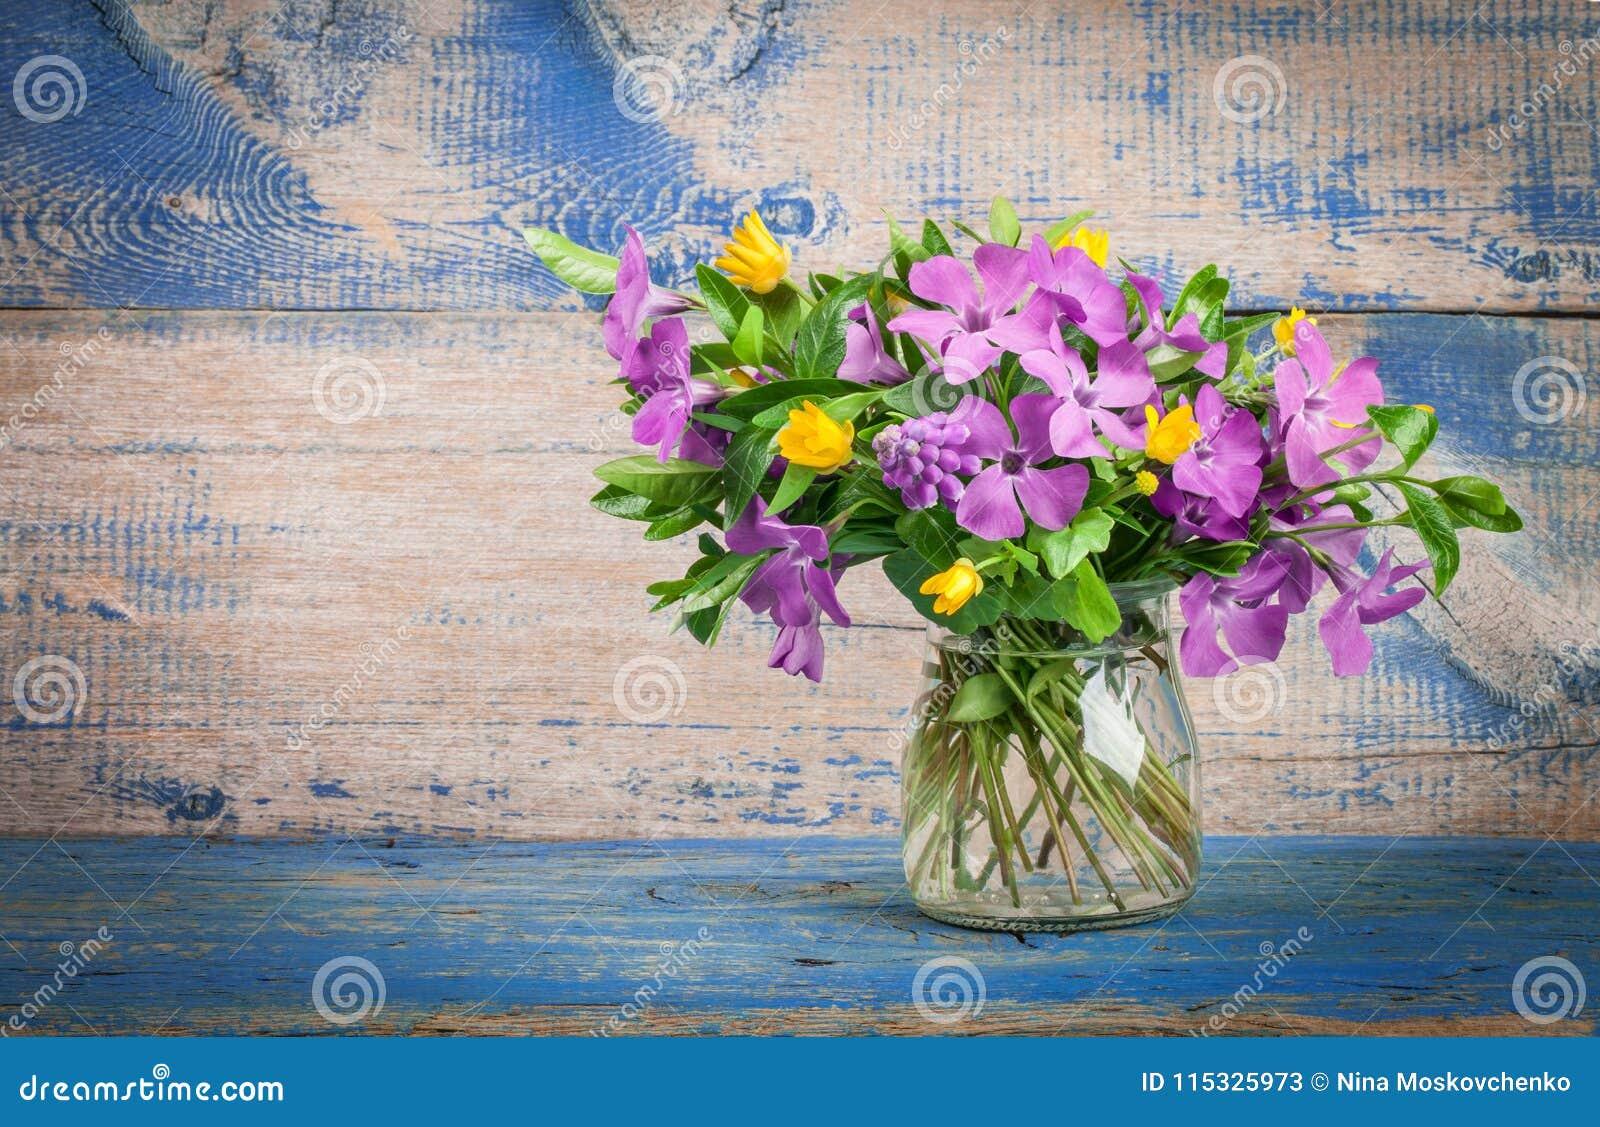 Flores da mola no vaso de vidro